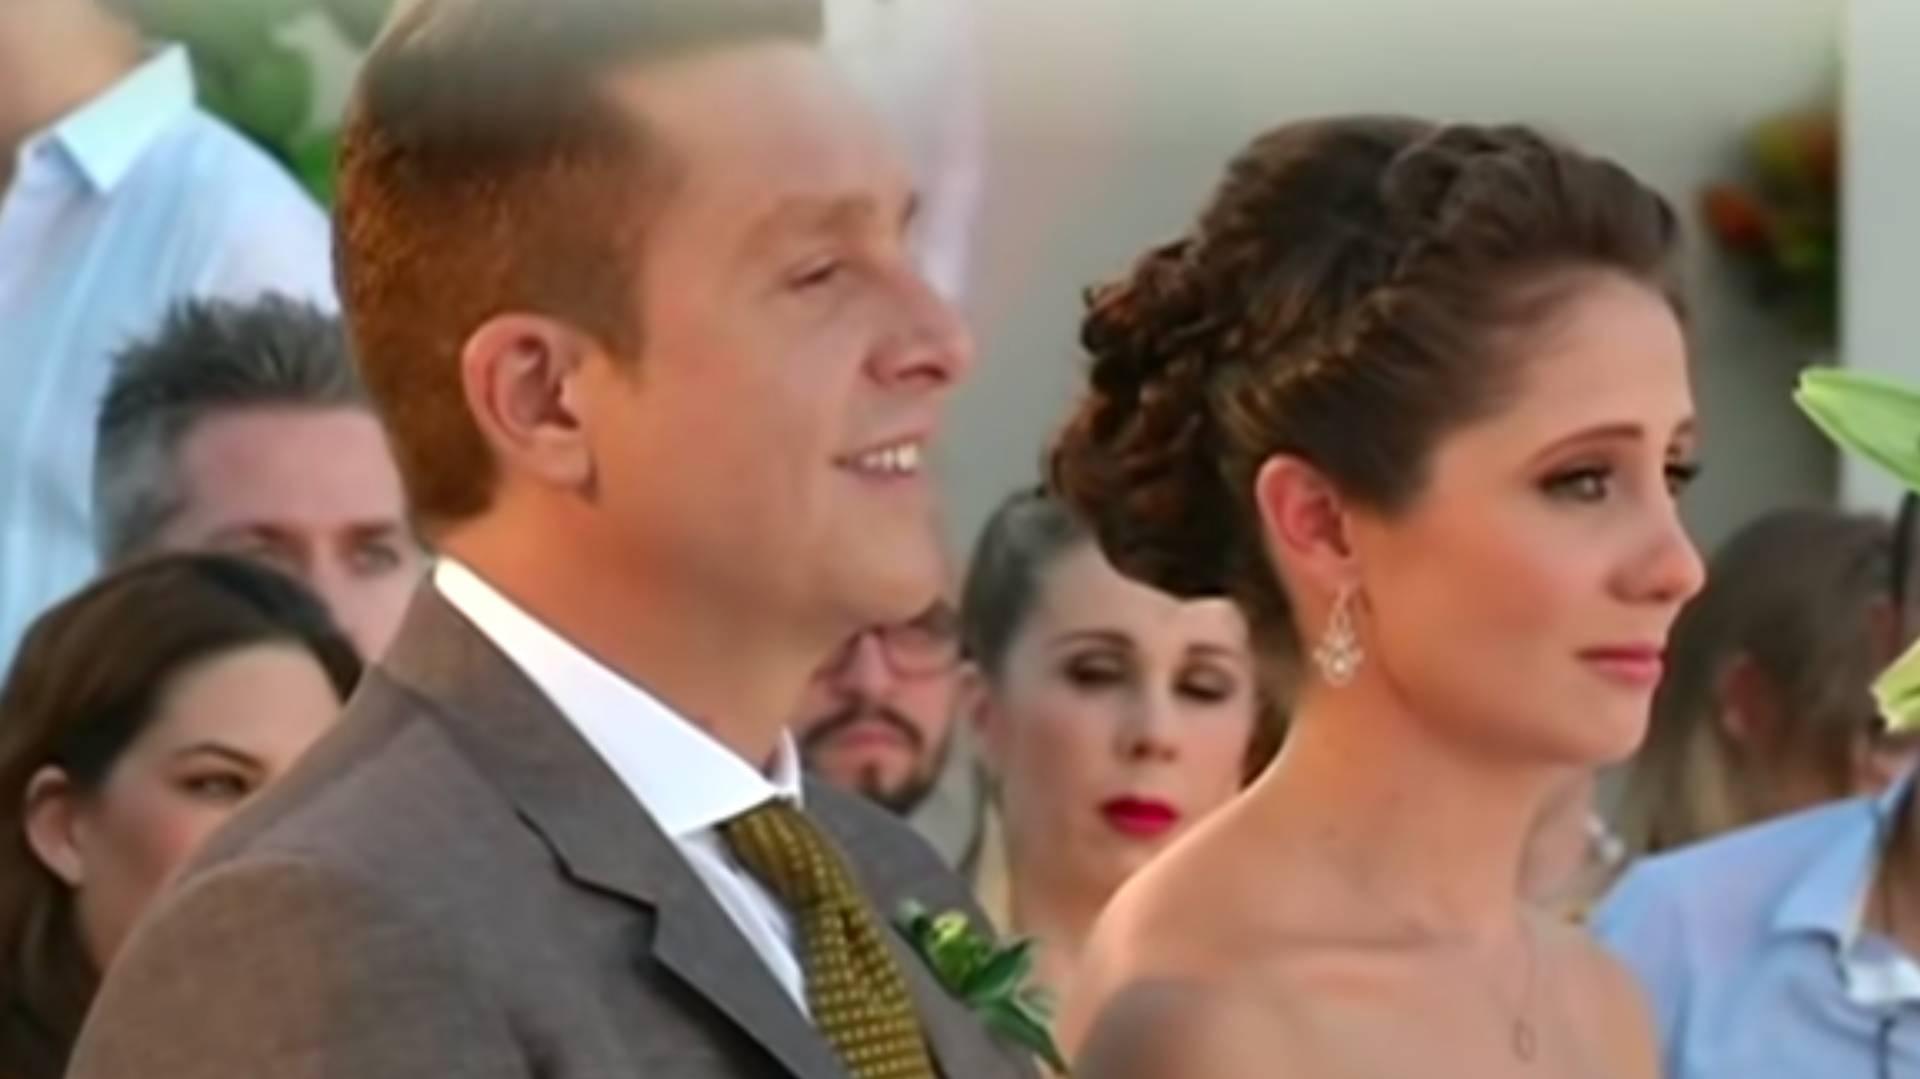 La boda de Daniel Bisogno en Acapulco reunió a varias celebridades (Foto:Ventaneando)